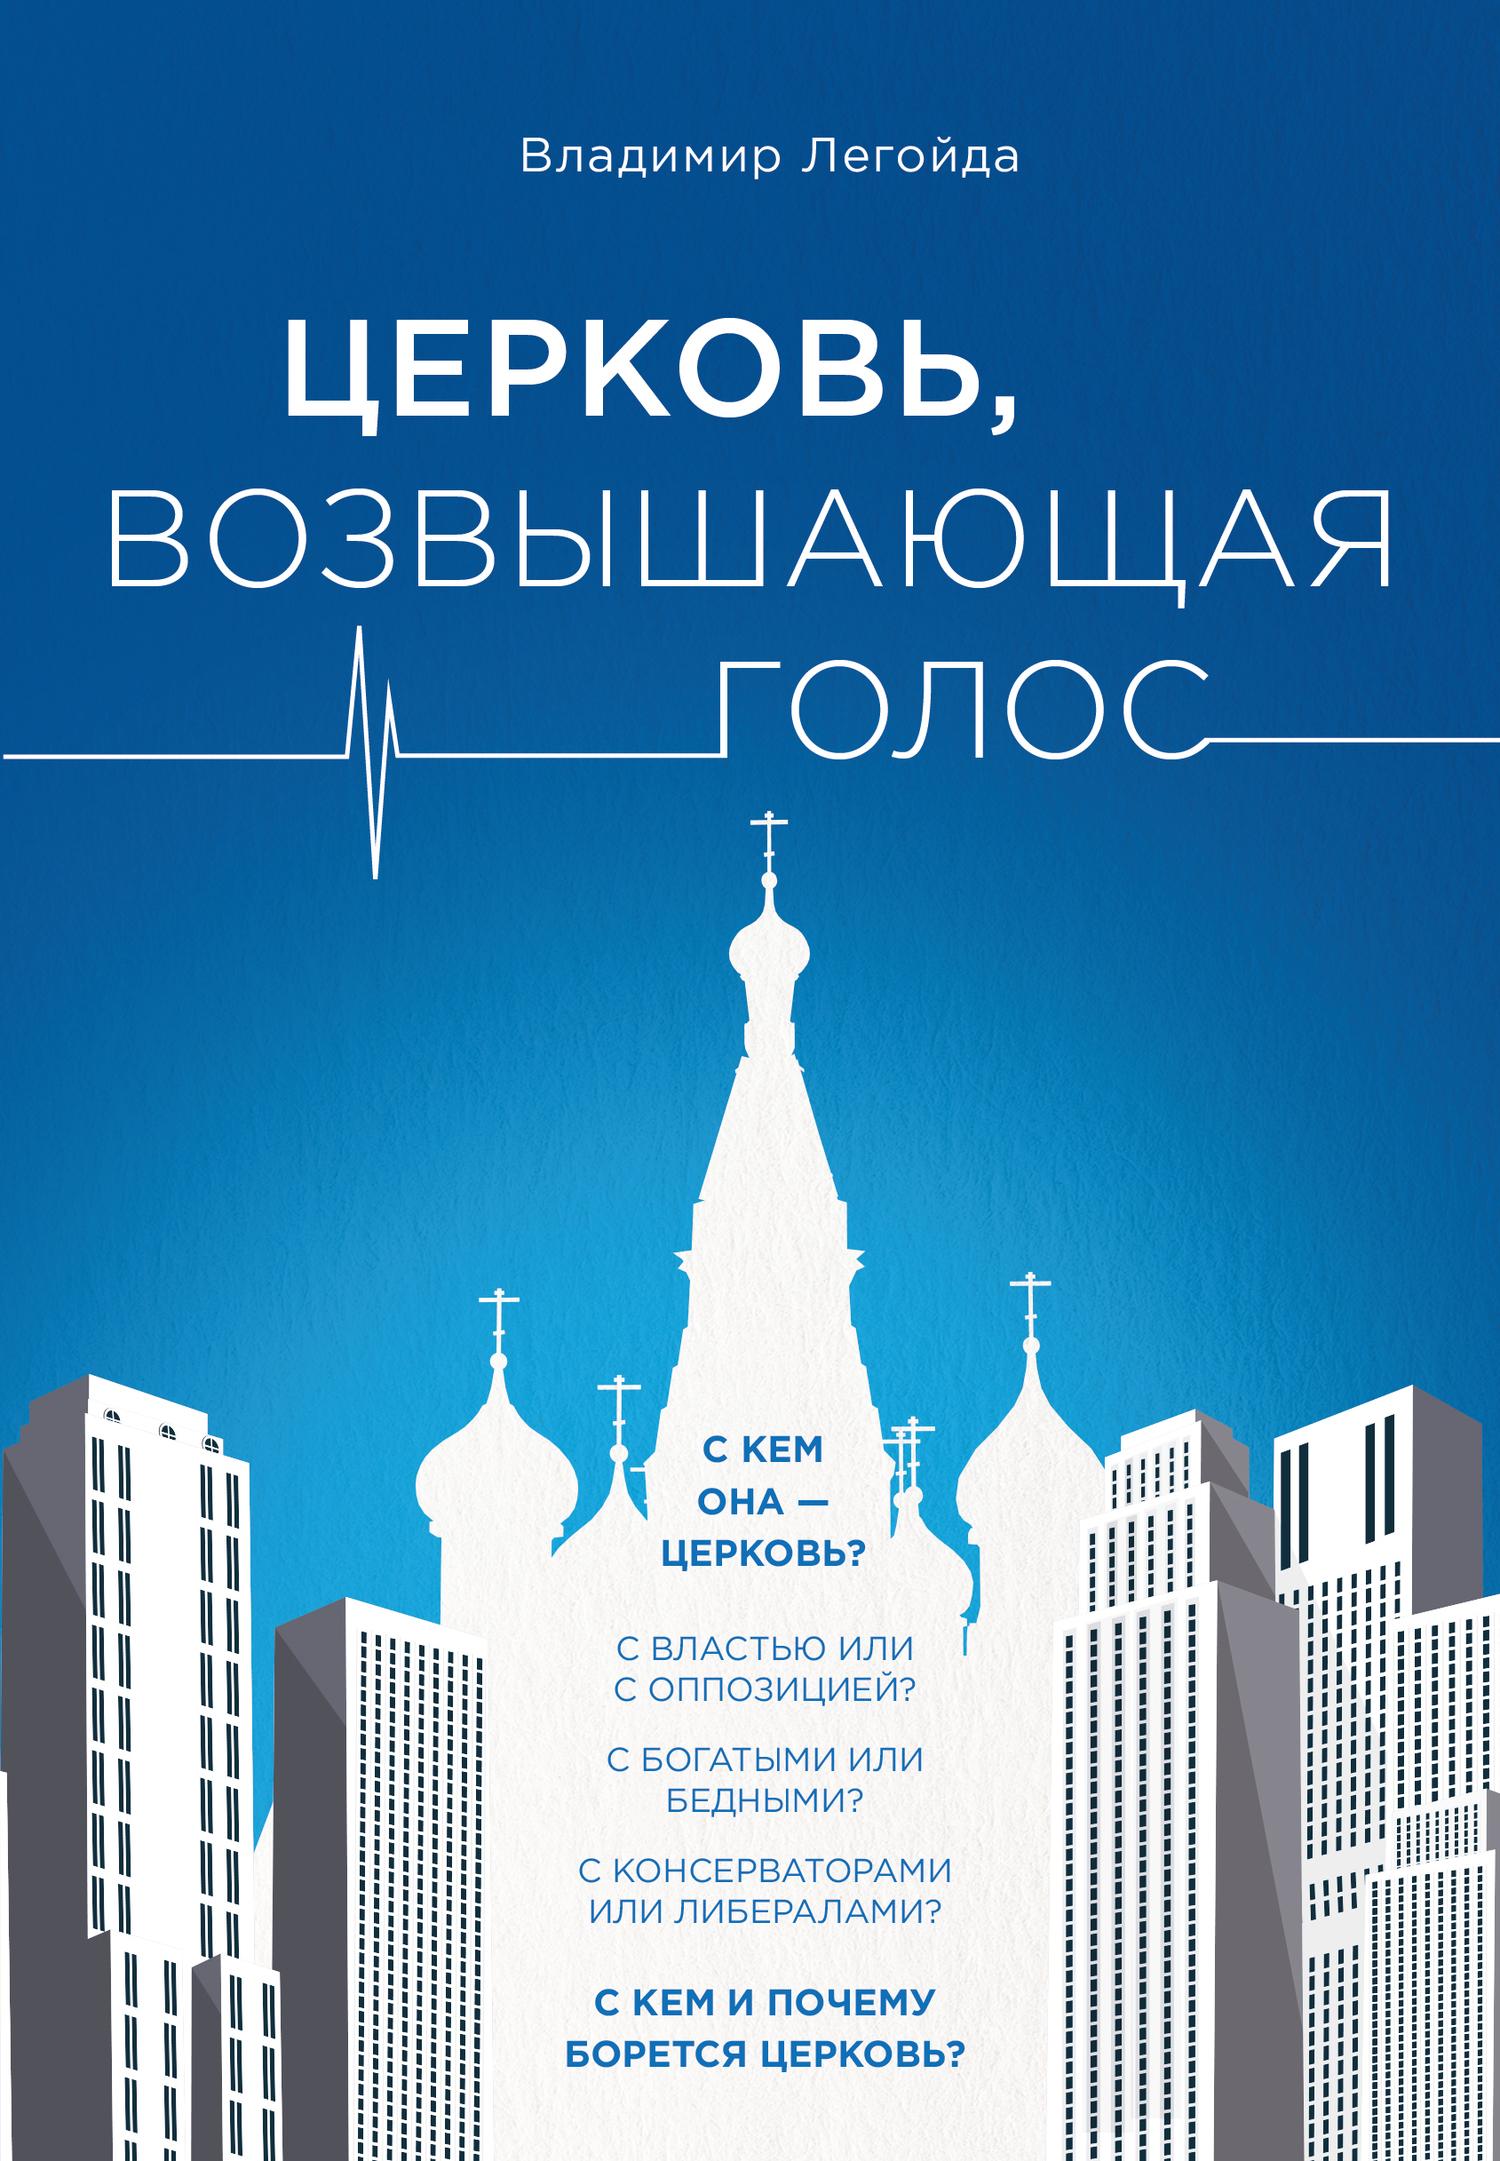 Владимир Легойда. Церковь, возвышающая голос